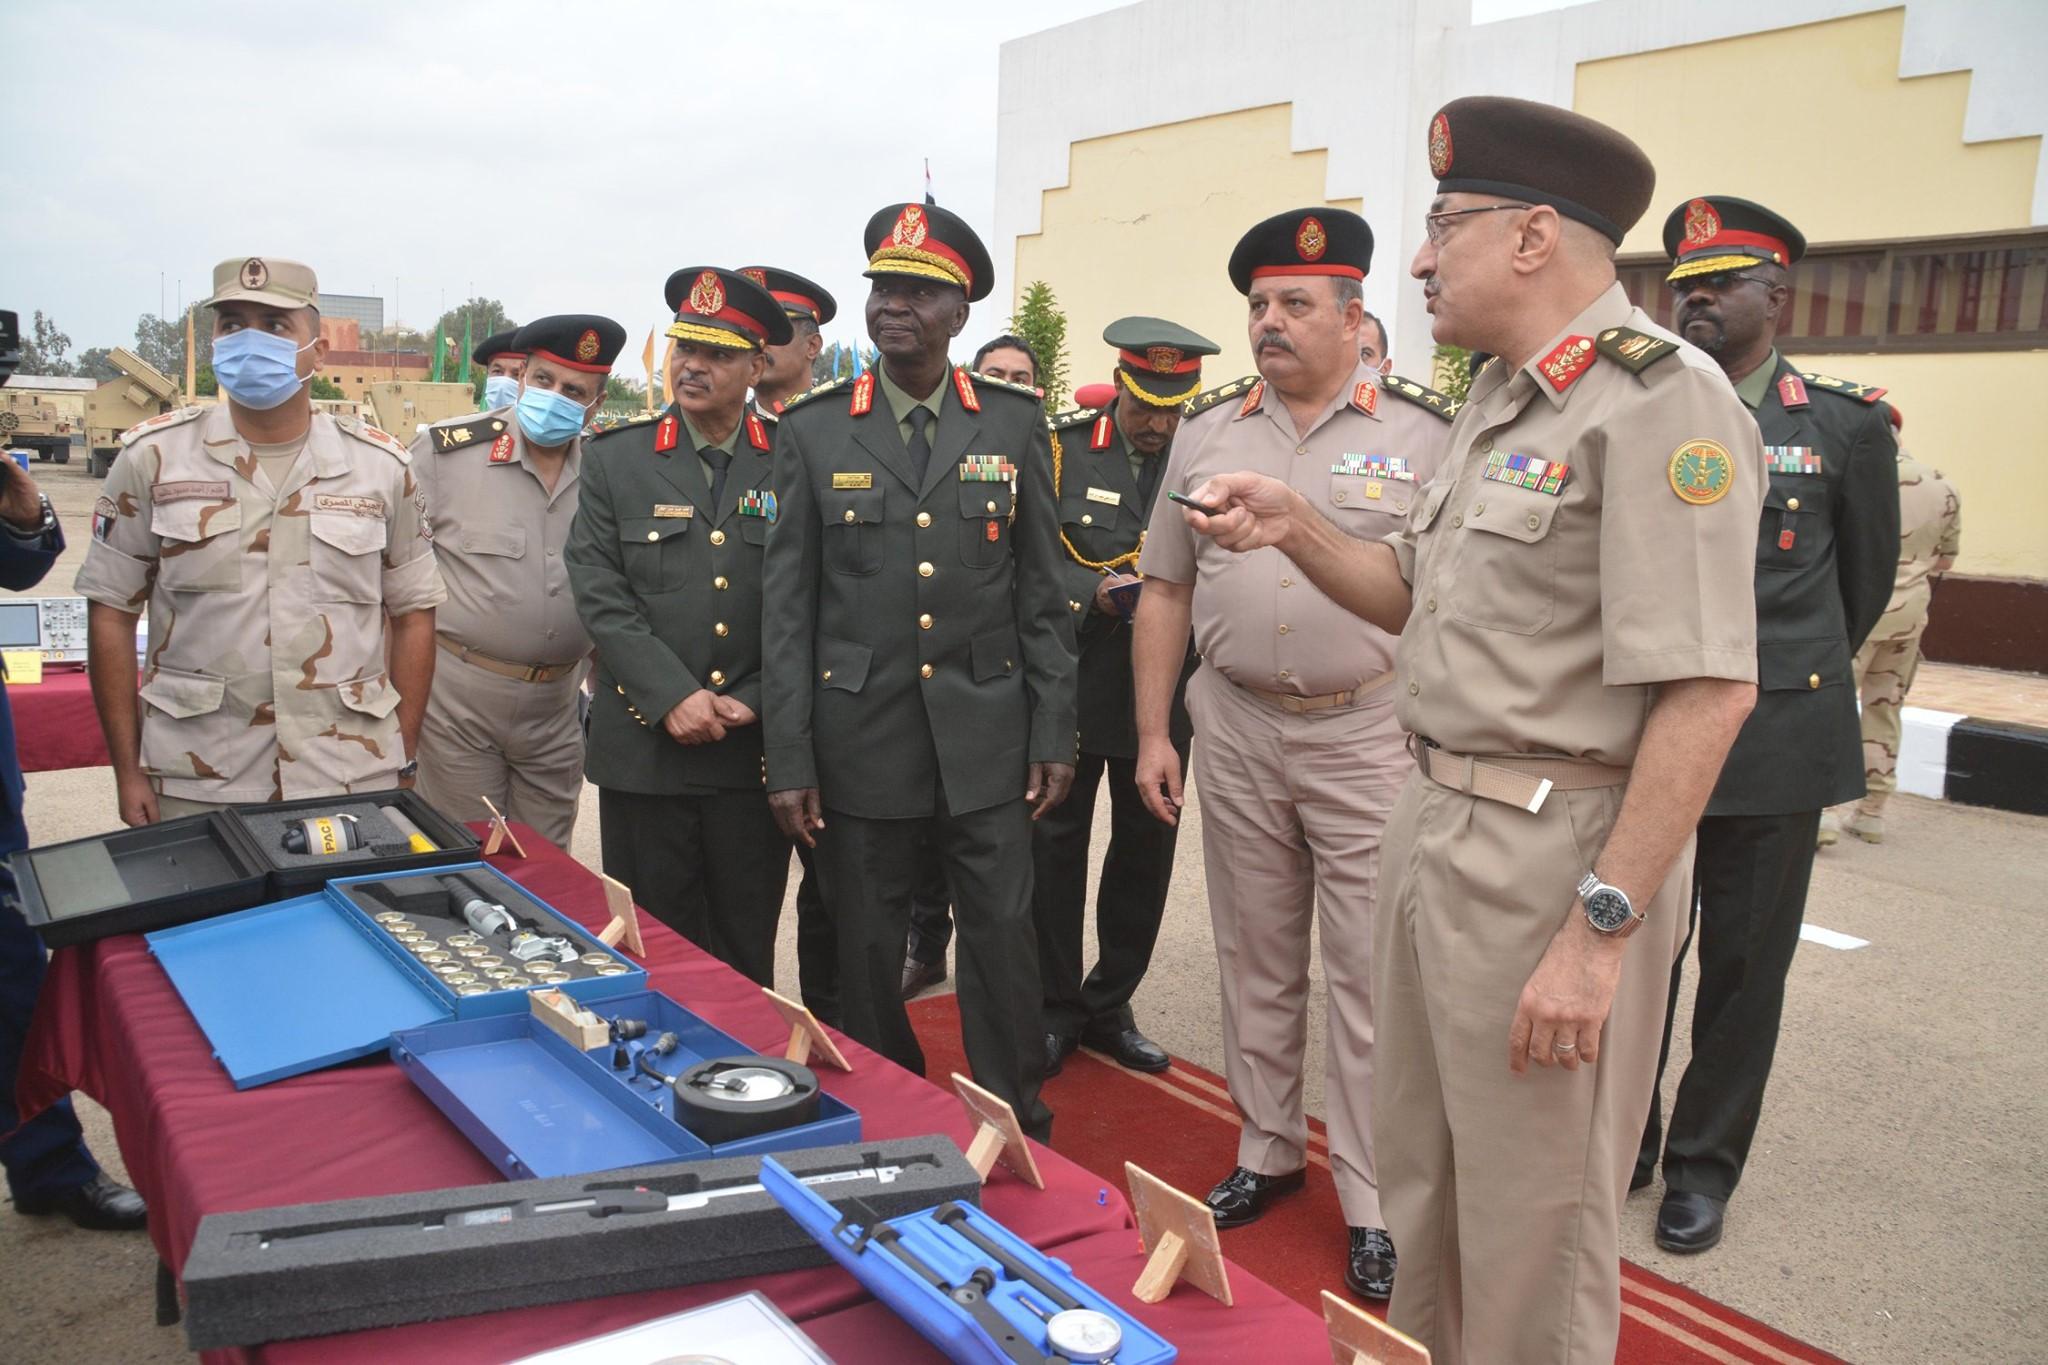 صور | قائد قوات الدفاع الجوى السودانى يلتقى الفريق على فهمى ويتفقدان عددا من الوحدات